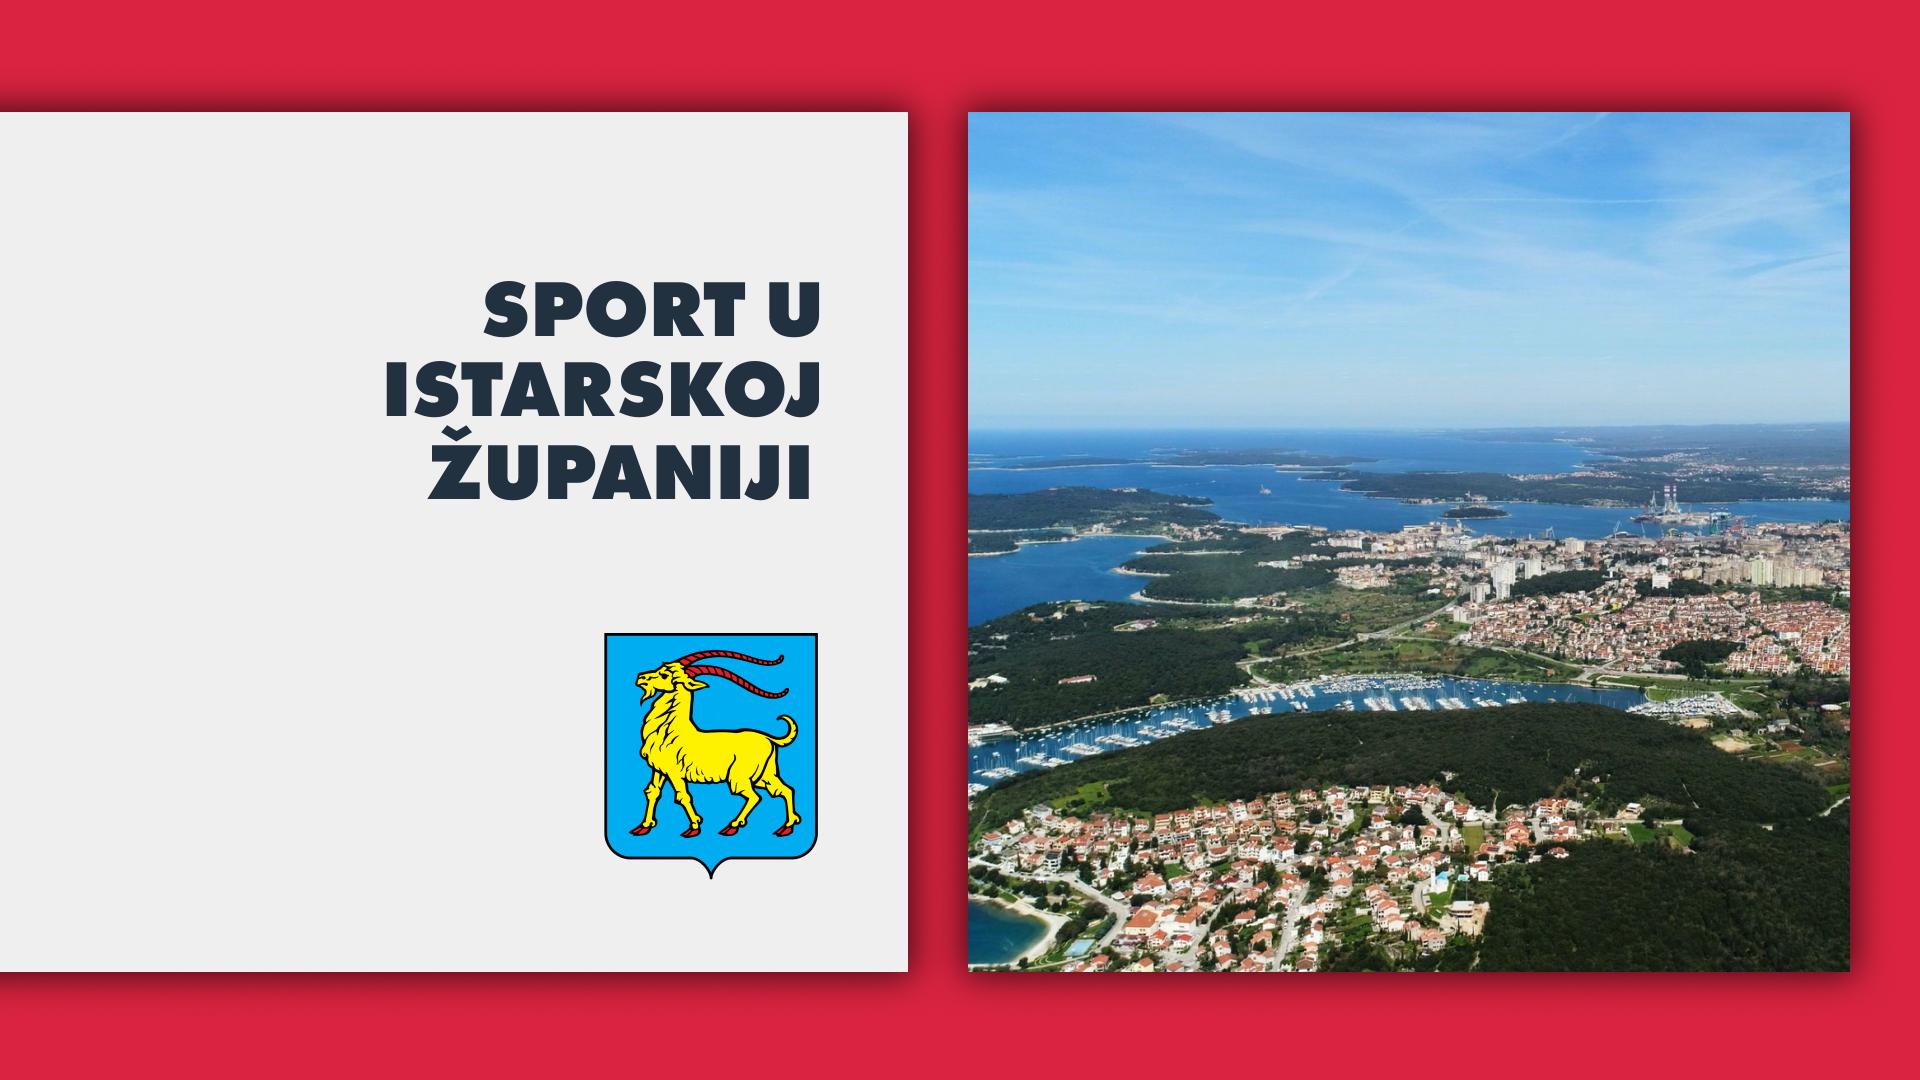 Sport u Istarskoj županiji